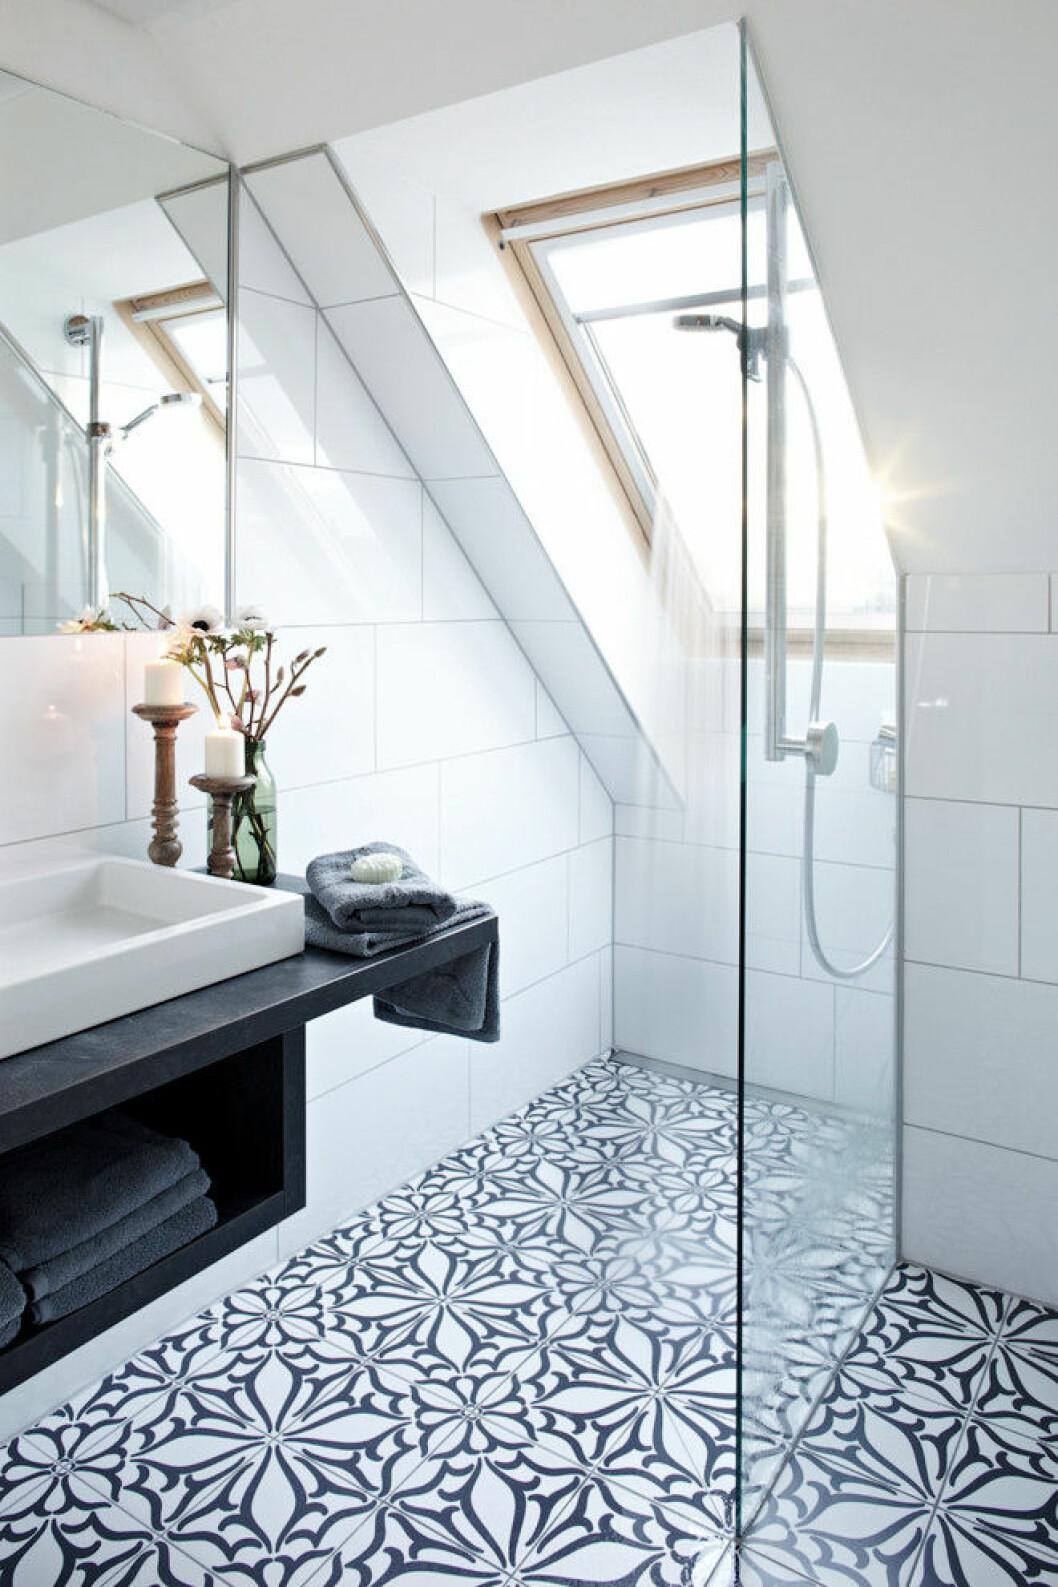 Badrum med mönstrat kakel på golvet mot enkla, vita plattor på väggen.